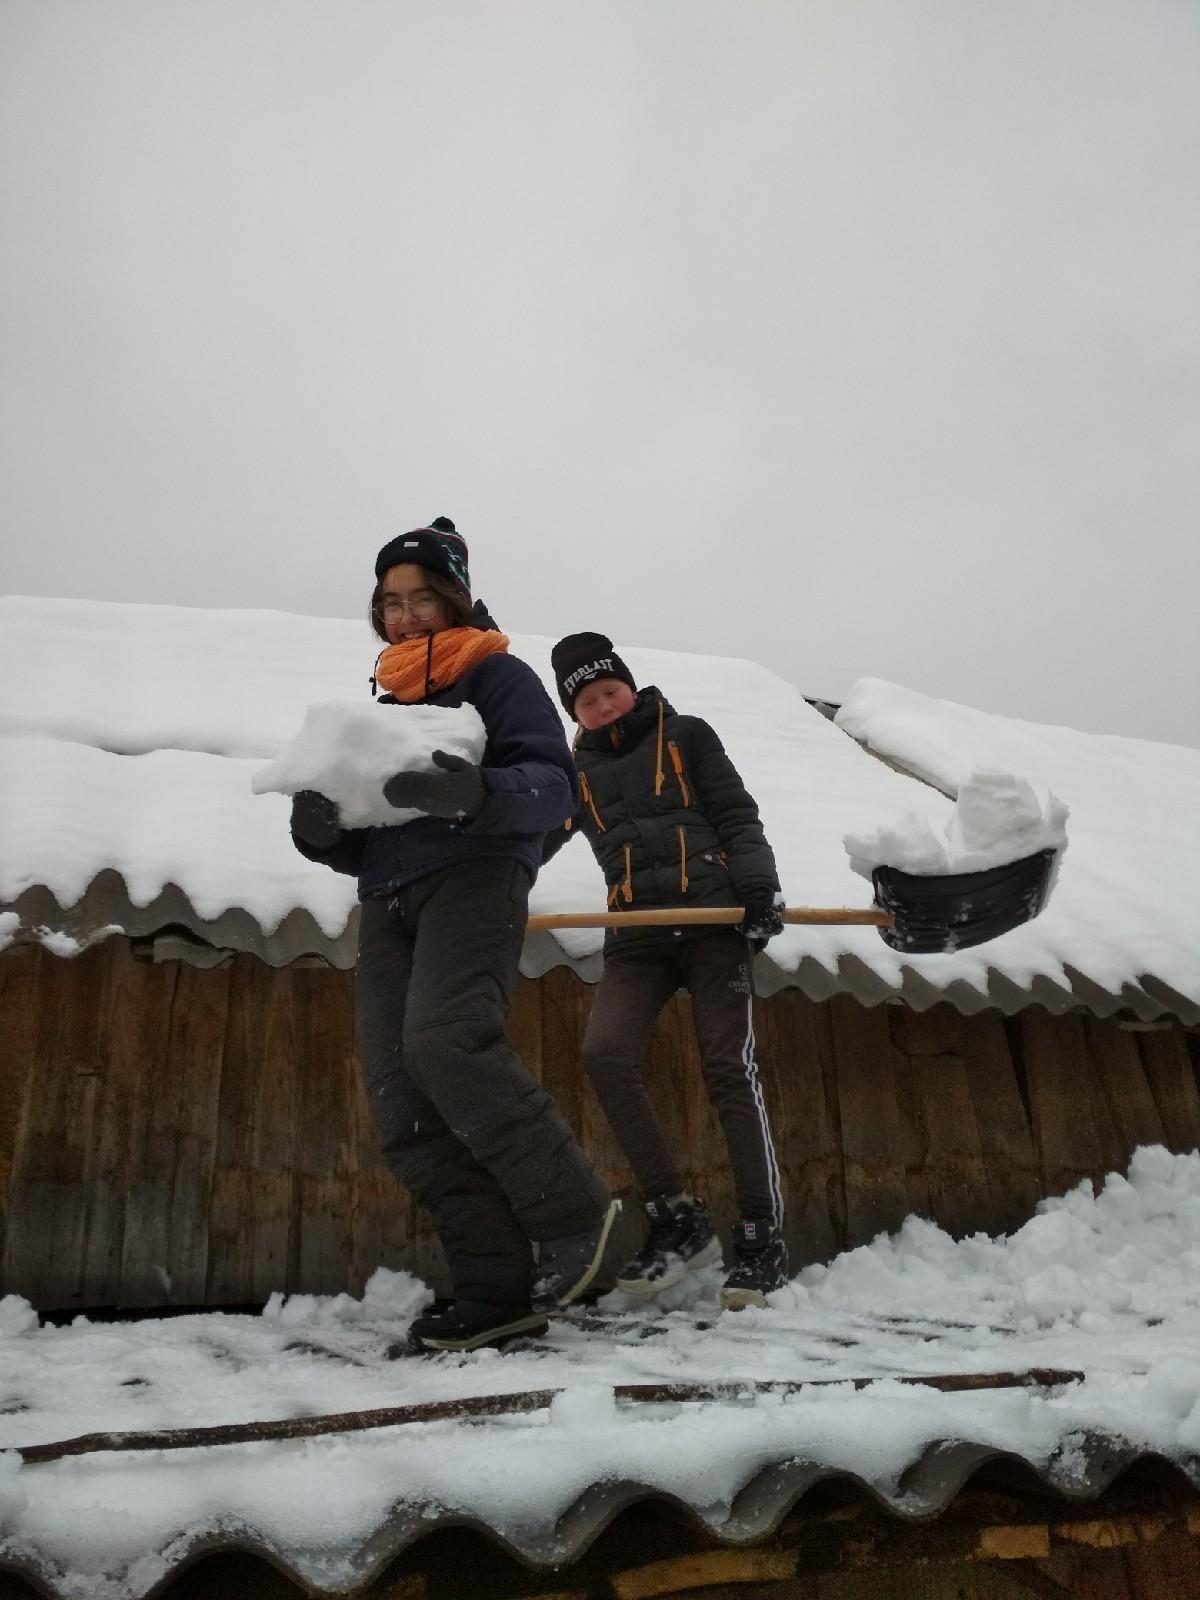 #Акция@volonter_kizner  ❄Акция «Долой снег!»❄  ☃️Сегодня, 19 января, волонтёры отряда